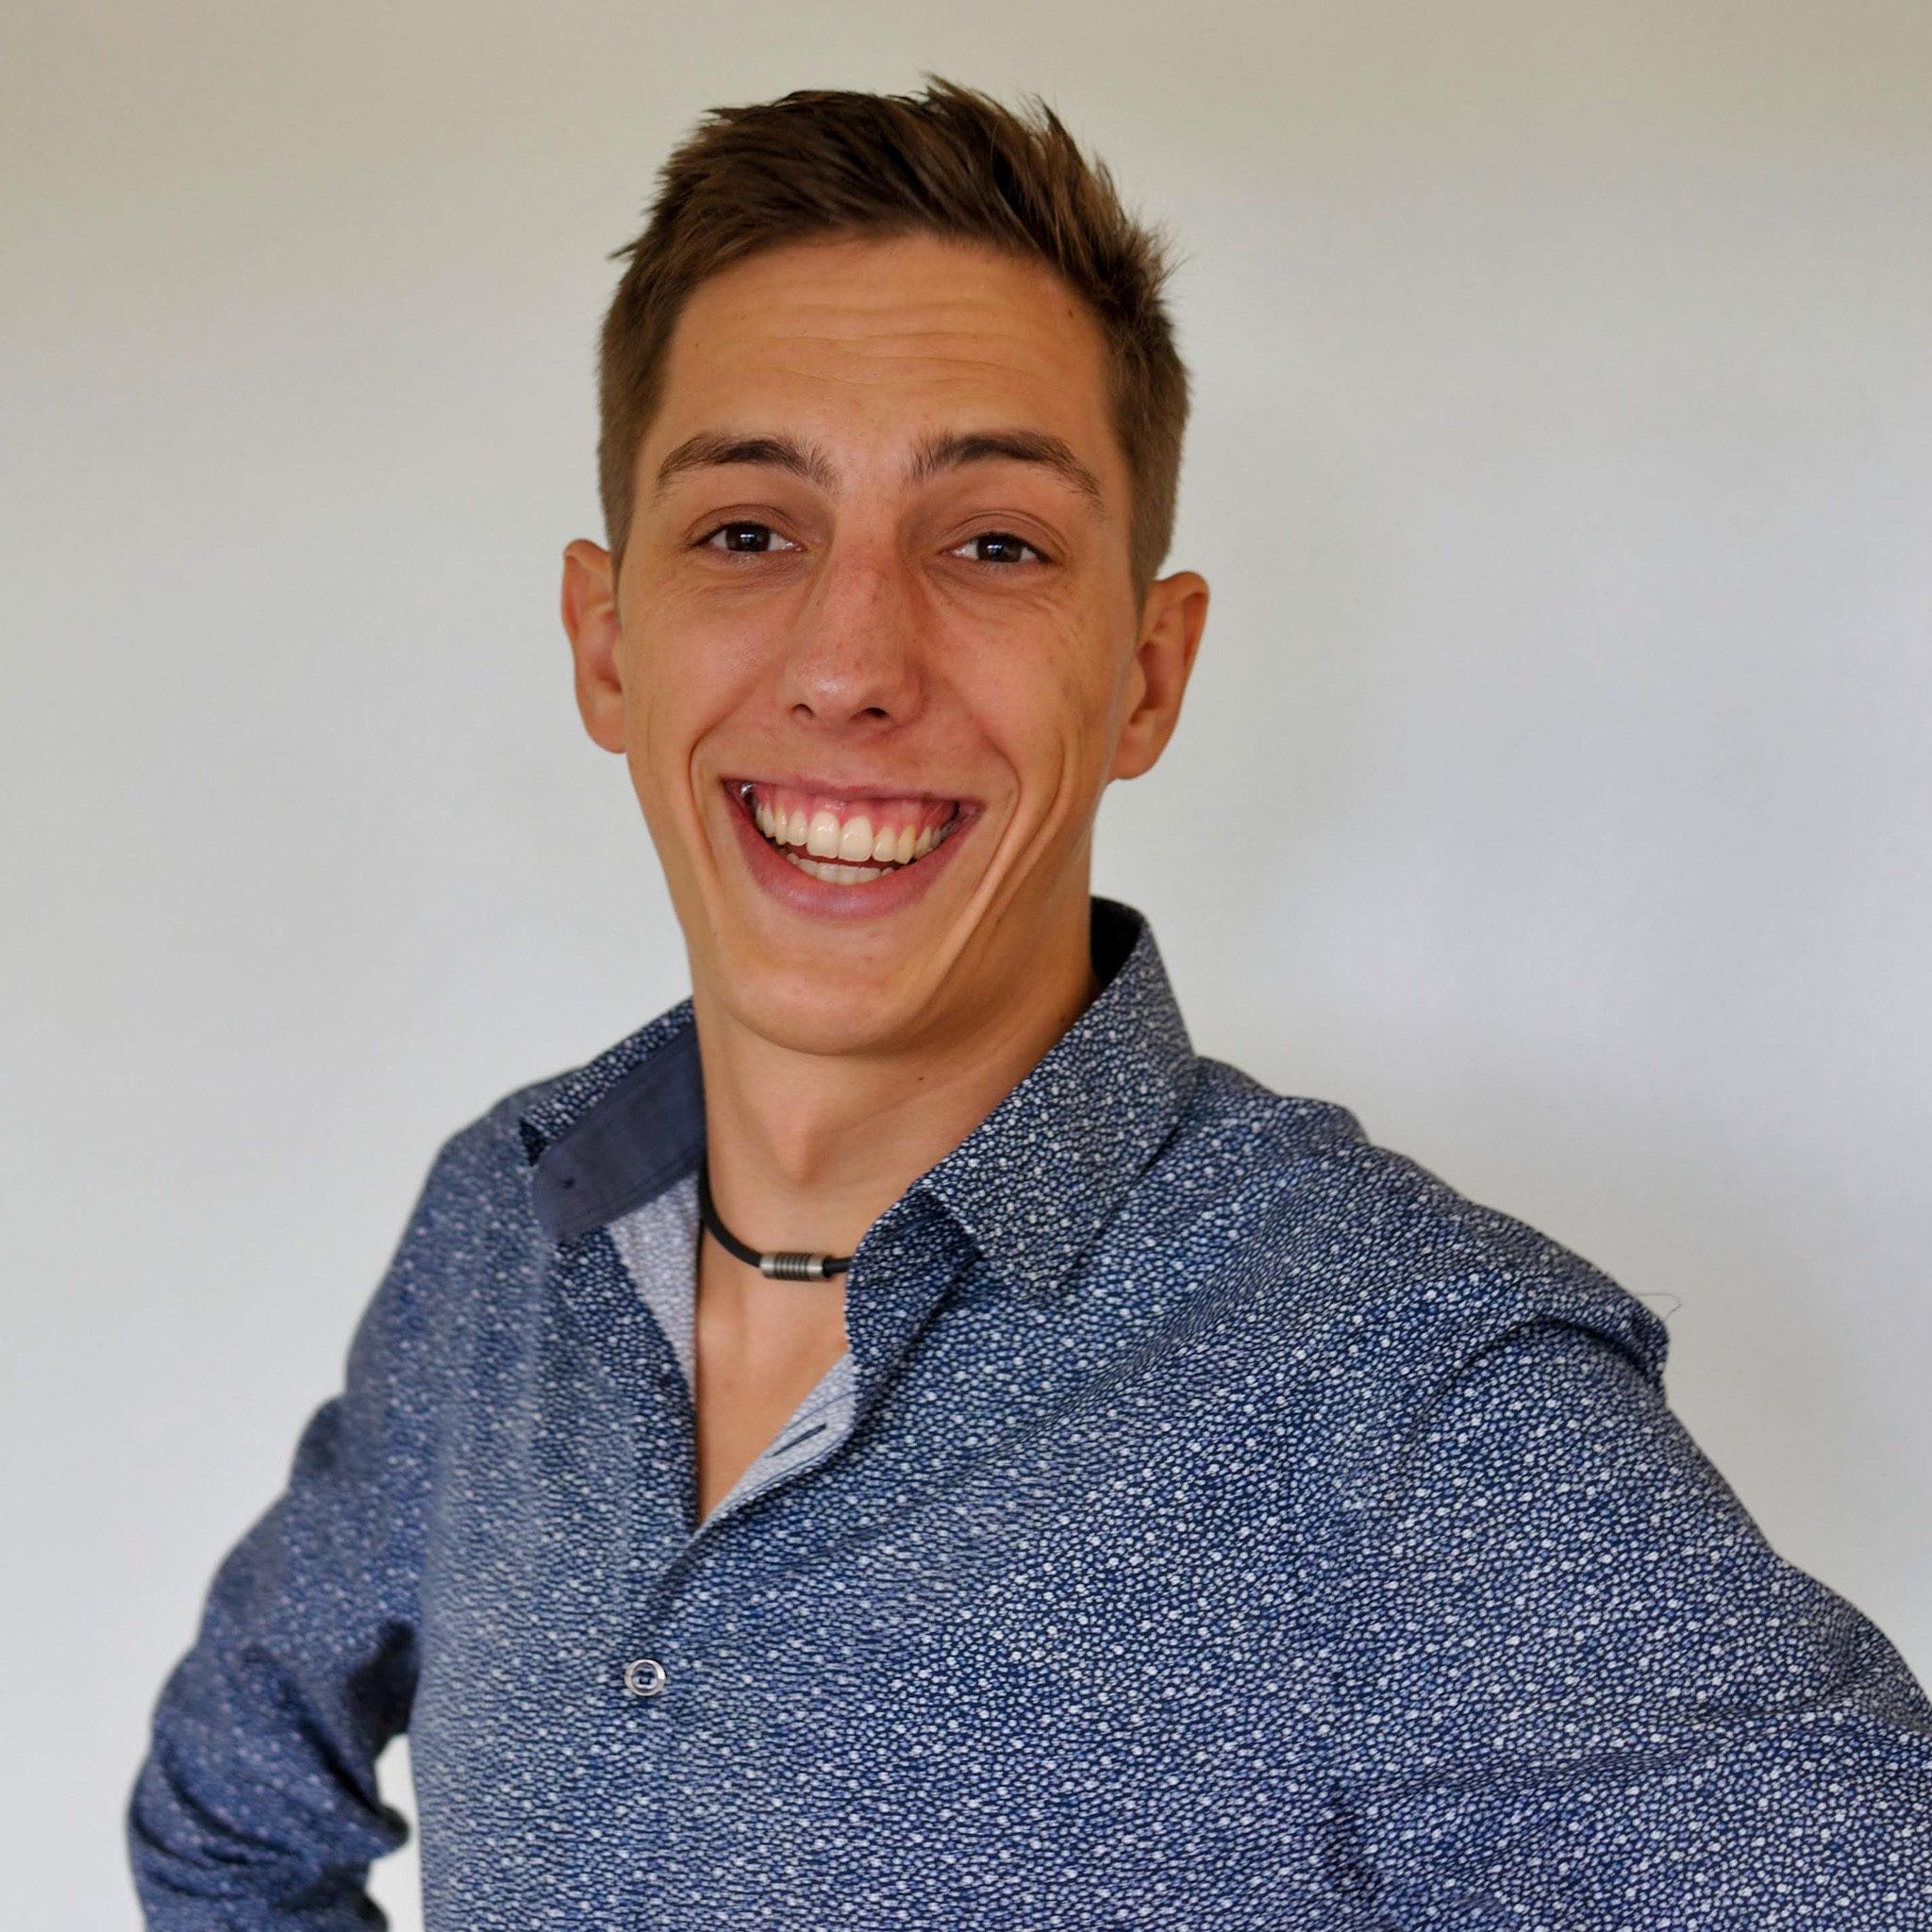 Photo of Alex Kapp